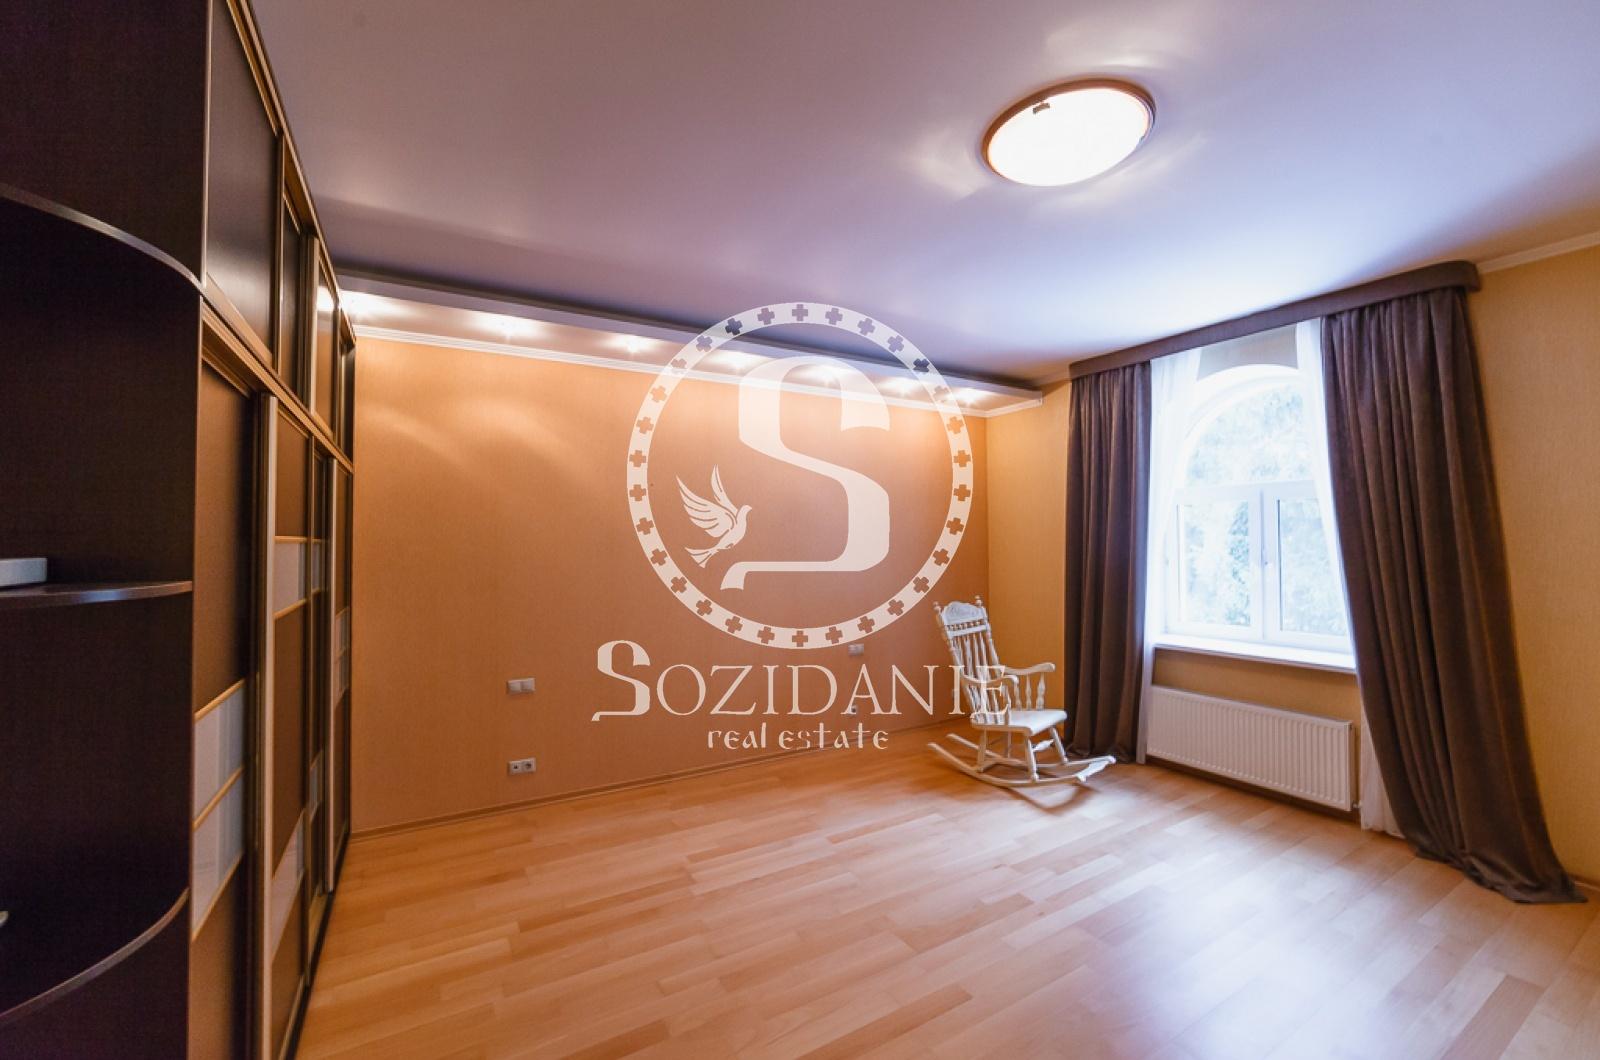 4 Bedrooms, Загородная, Аренда, Listing ID 1102, Московская область, Россия,